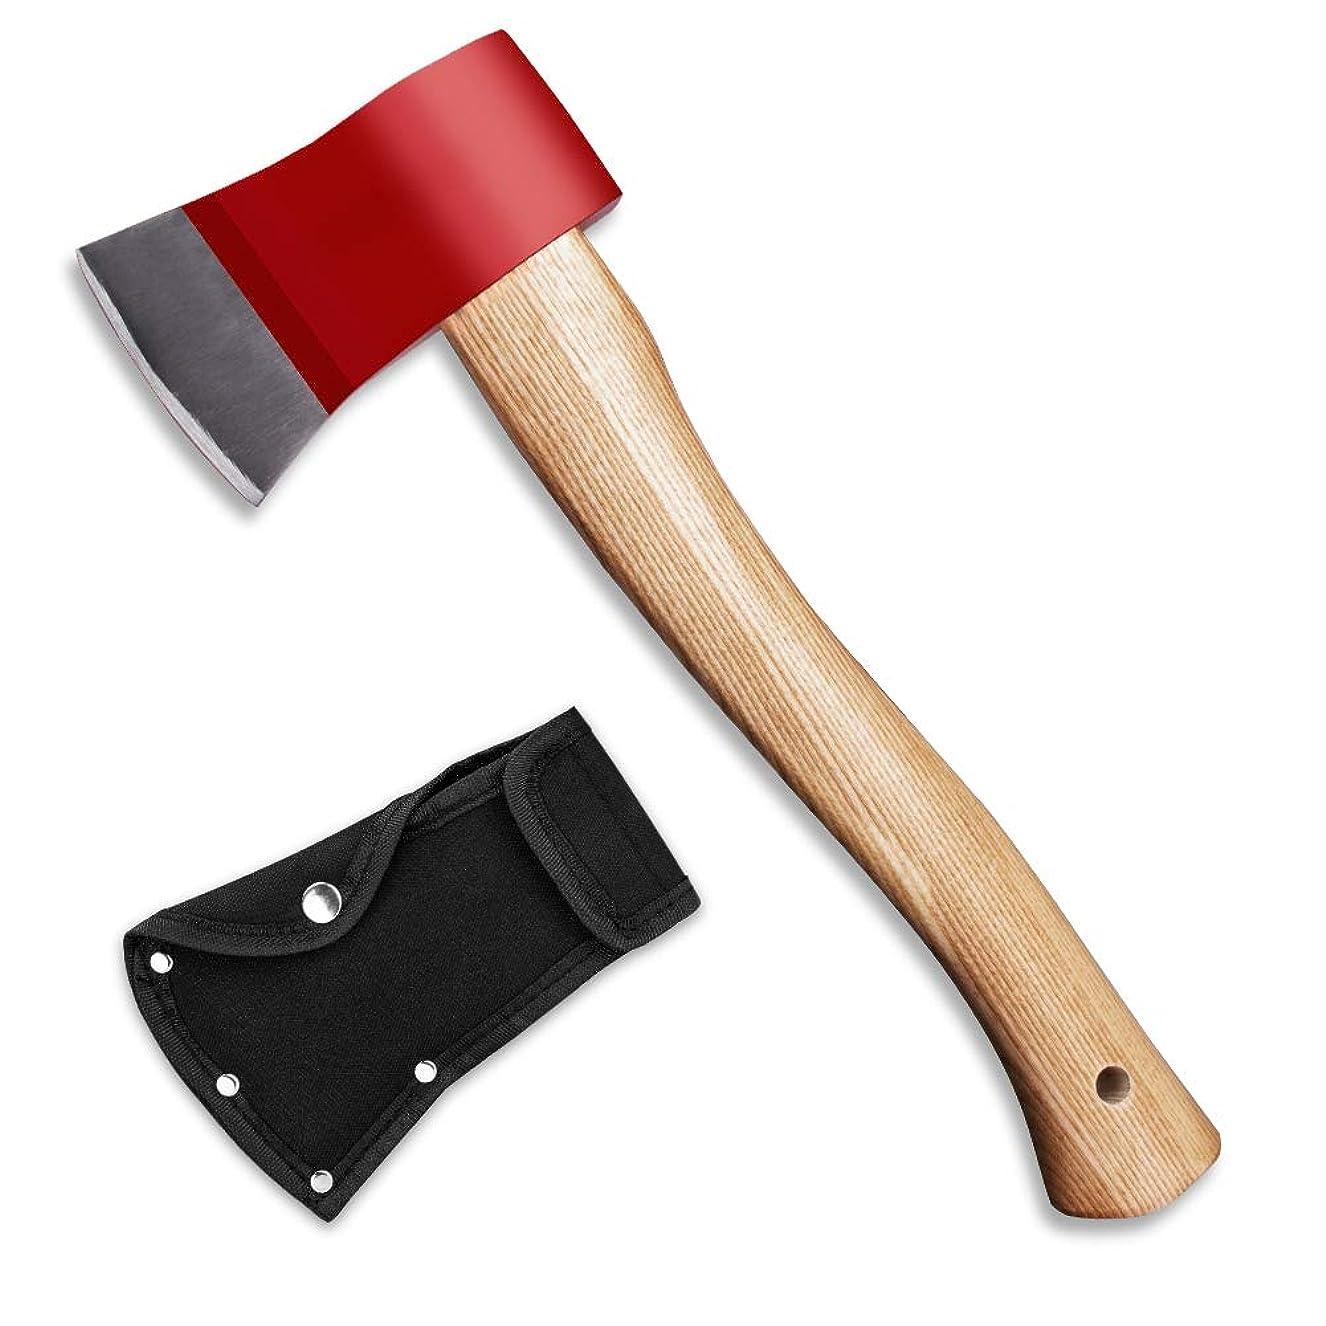 自動緩む言うまでもなく斧 Lifinsky 薪割り手斧 鉈 アウトドア用品 研ぎが必要 キャンプ用品 釣り 山歩き 保護ケース付き